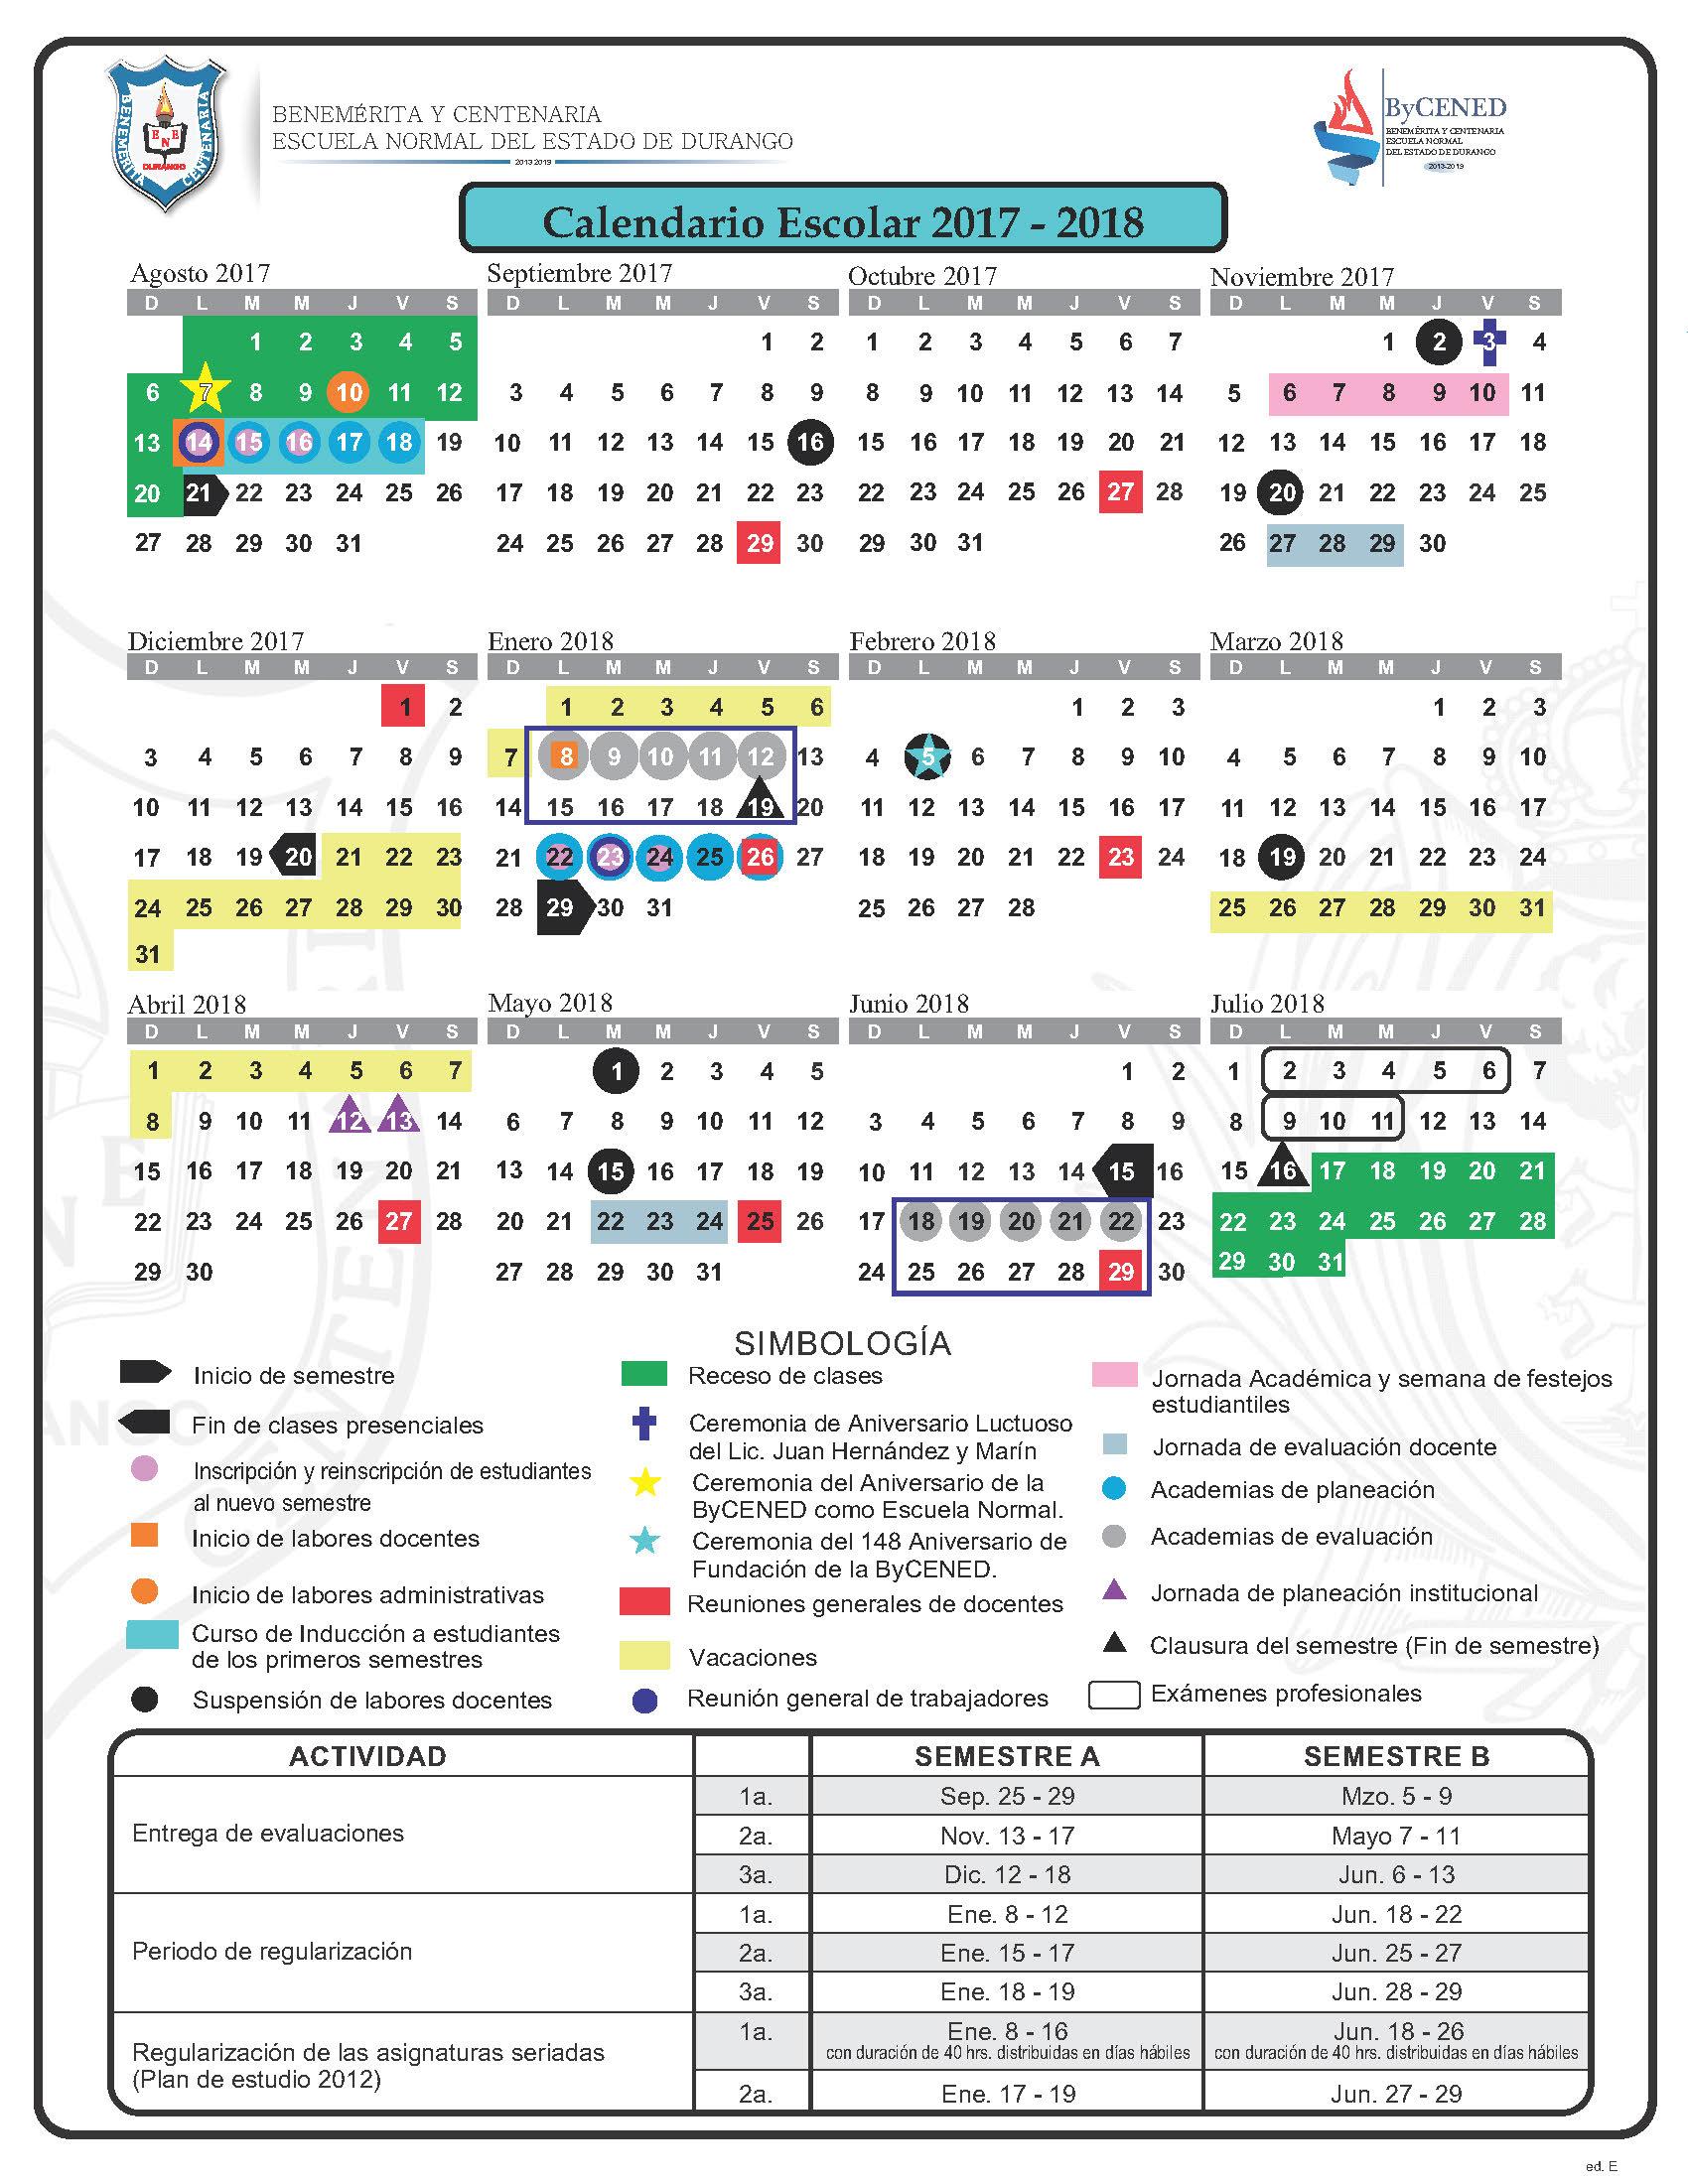 Calendario CICLO 17-18 ed E